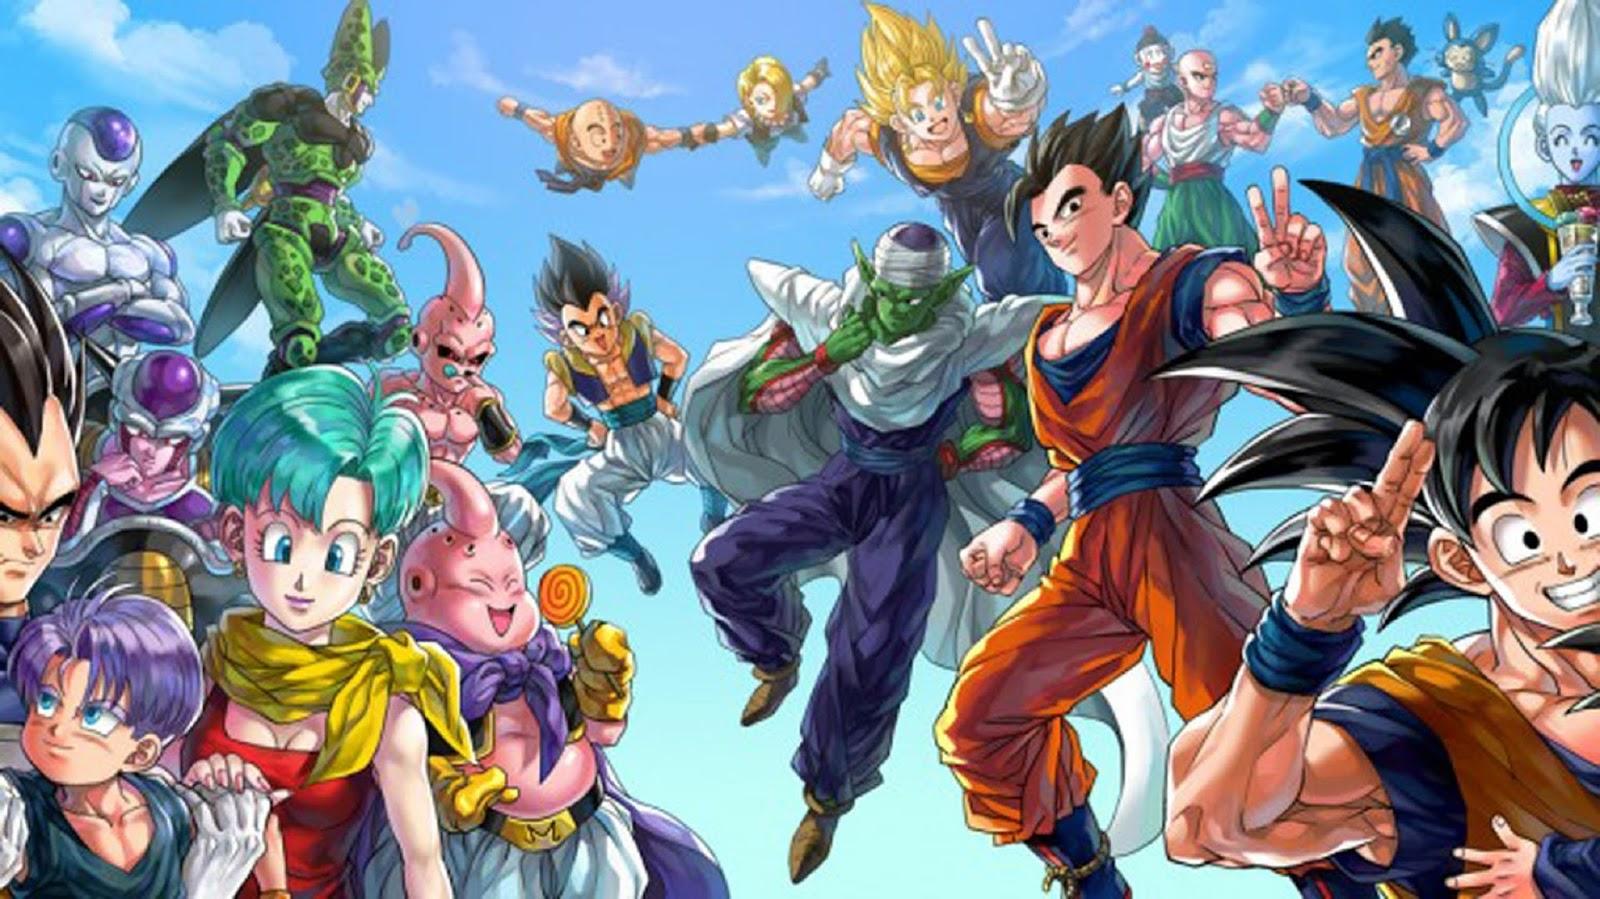 7 Viên ngọc Rồng Việt Nam 2016: Rap về Son Goku trong dragonball 7 viên  ngọc rồng [vietsub]